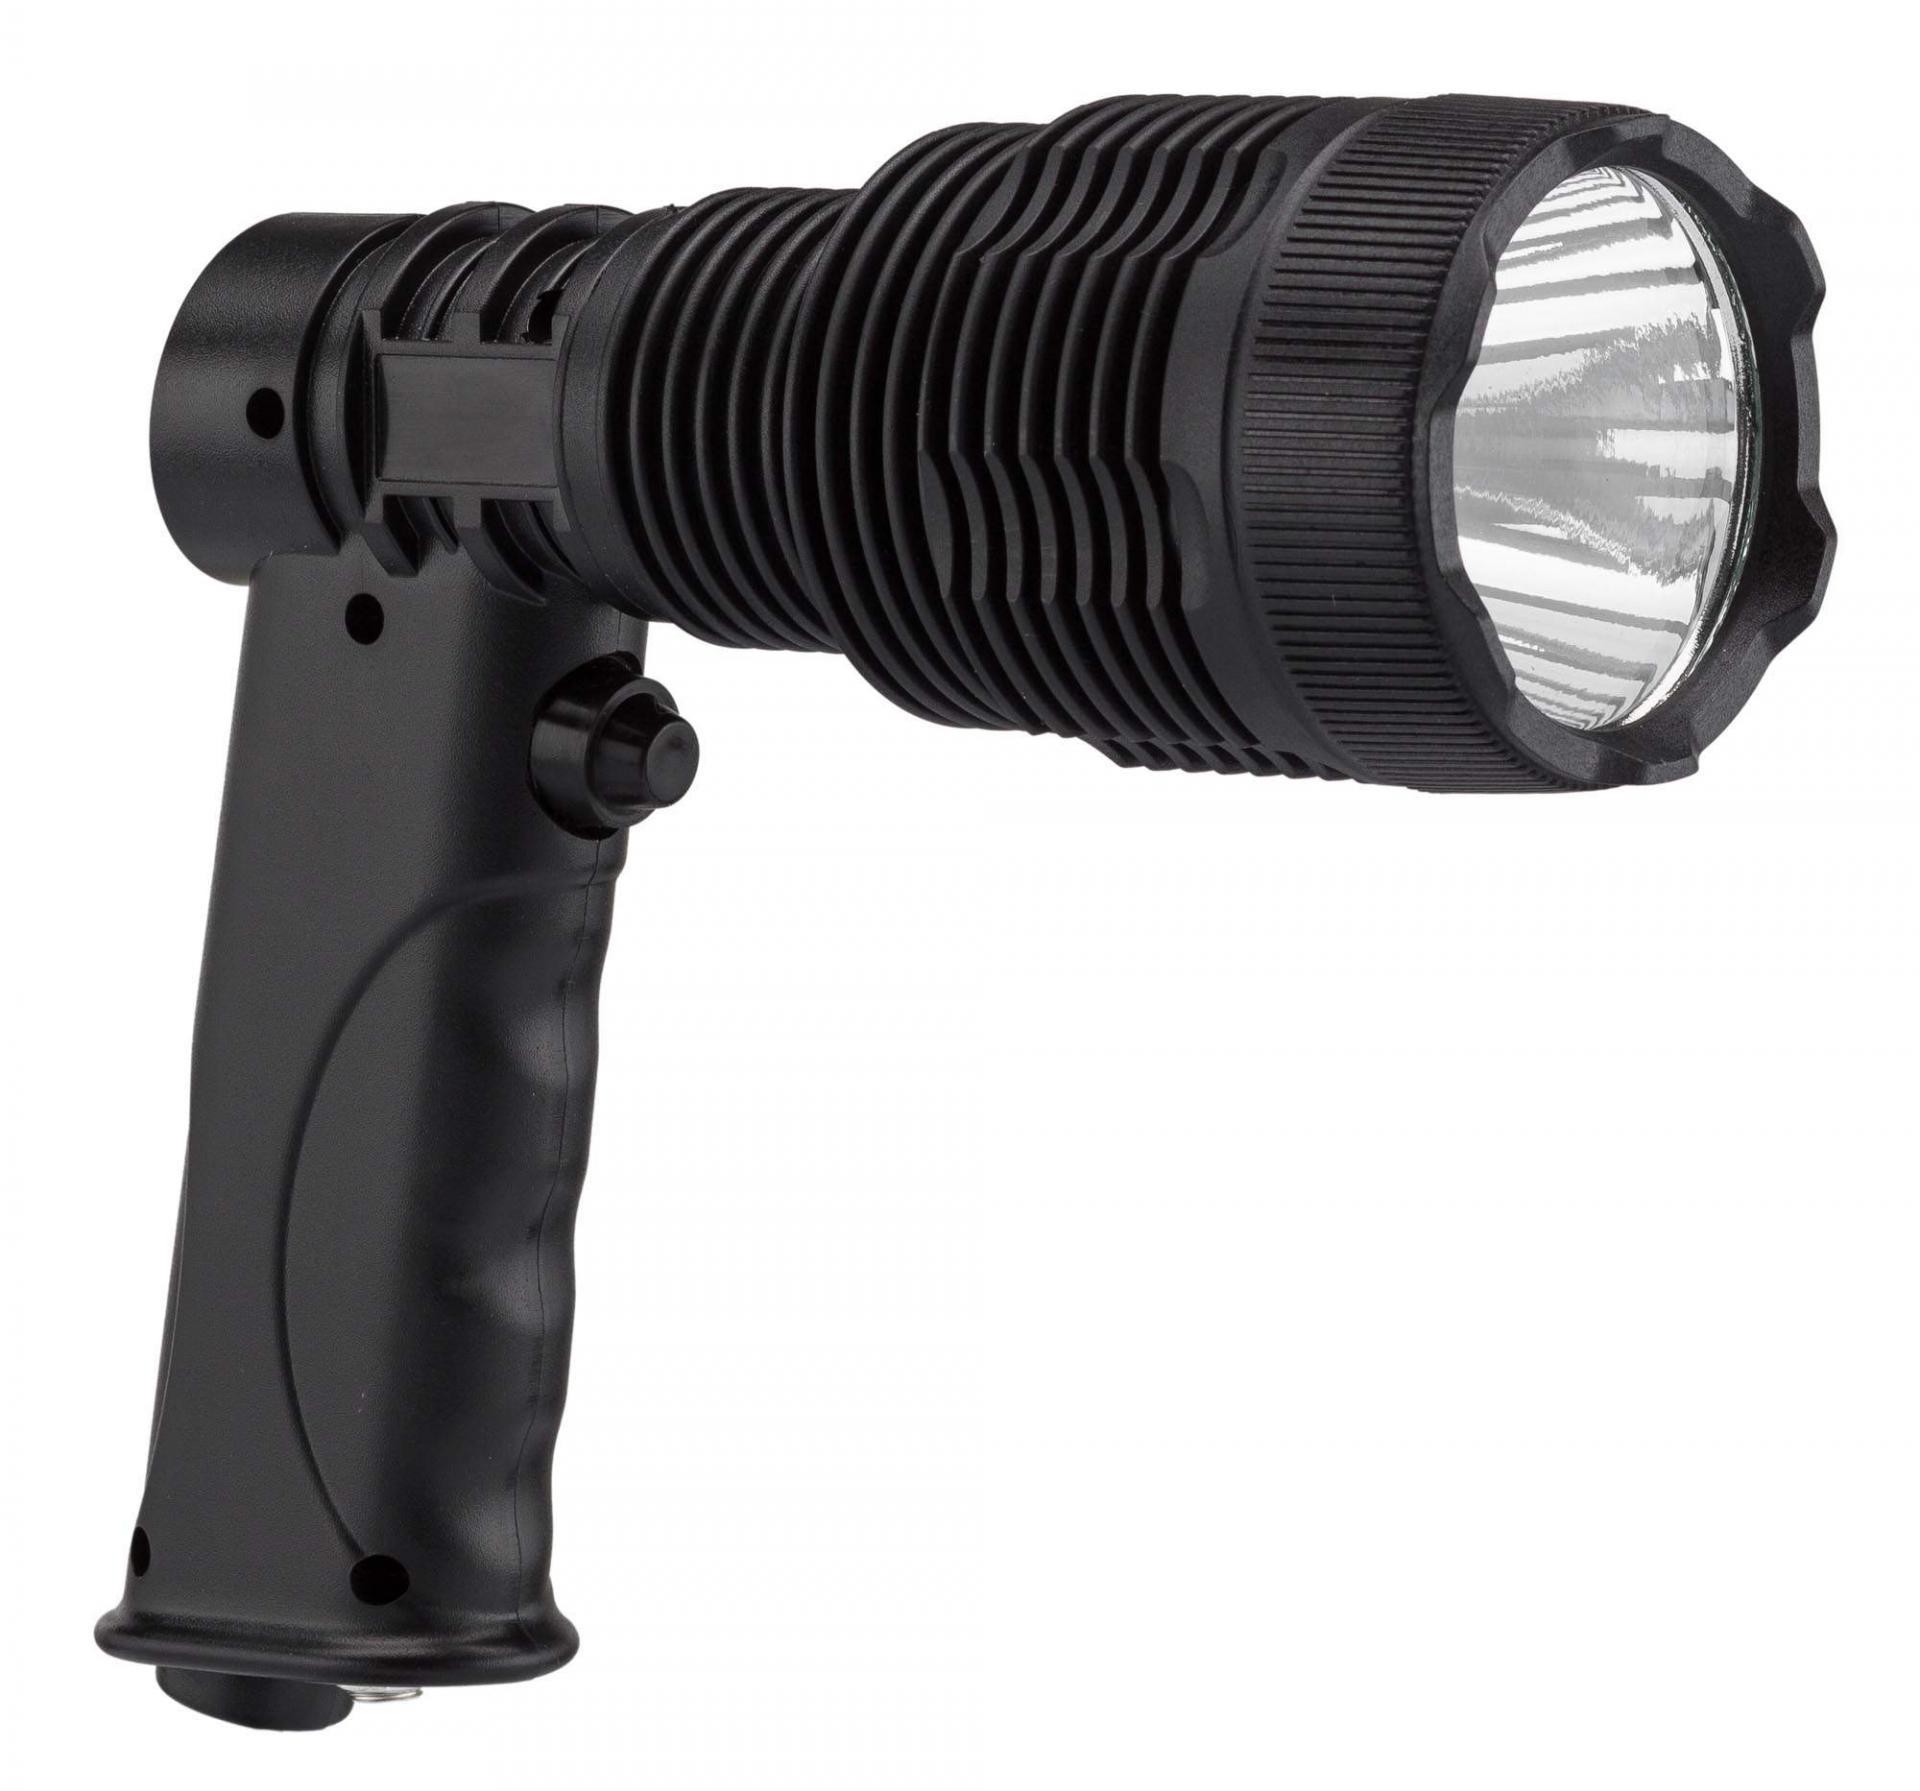 Lampe de poing type pistolet extra puissante parfaite pour hutte de chasse comptage des animaux foret nature en vente chez chasseur et compagnie